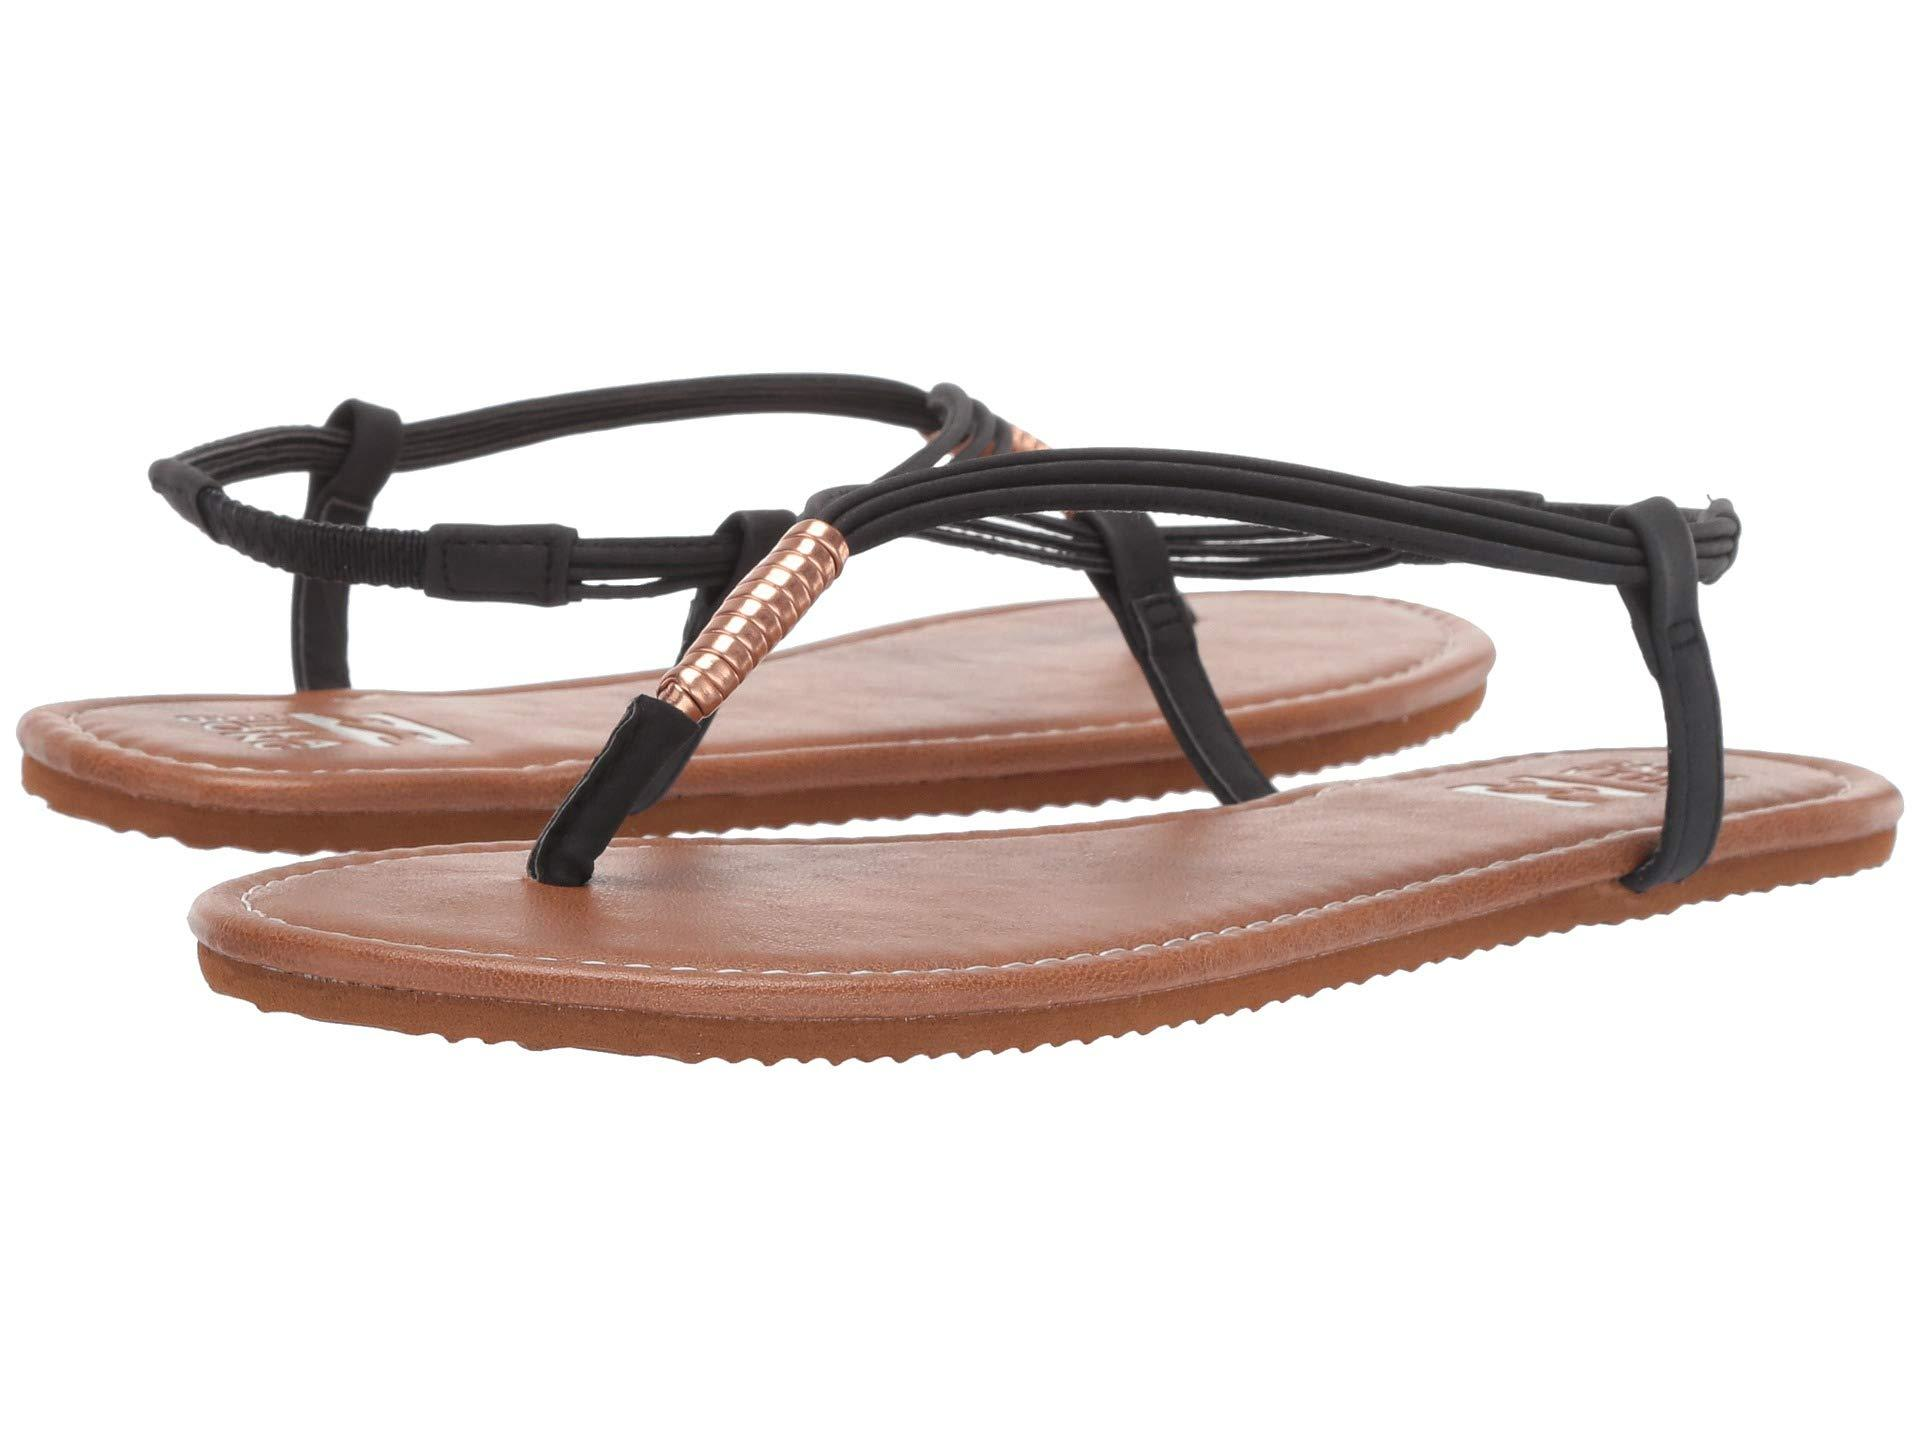 Billabong Sandals DazeWomen's Strand Black Lyst Walkdesert in On8X0wPk